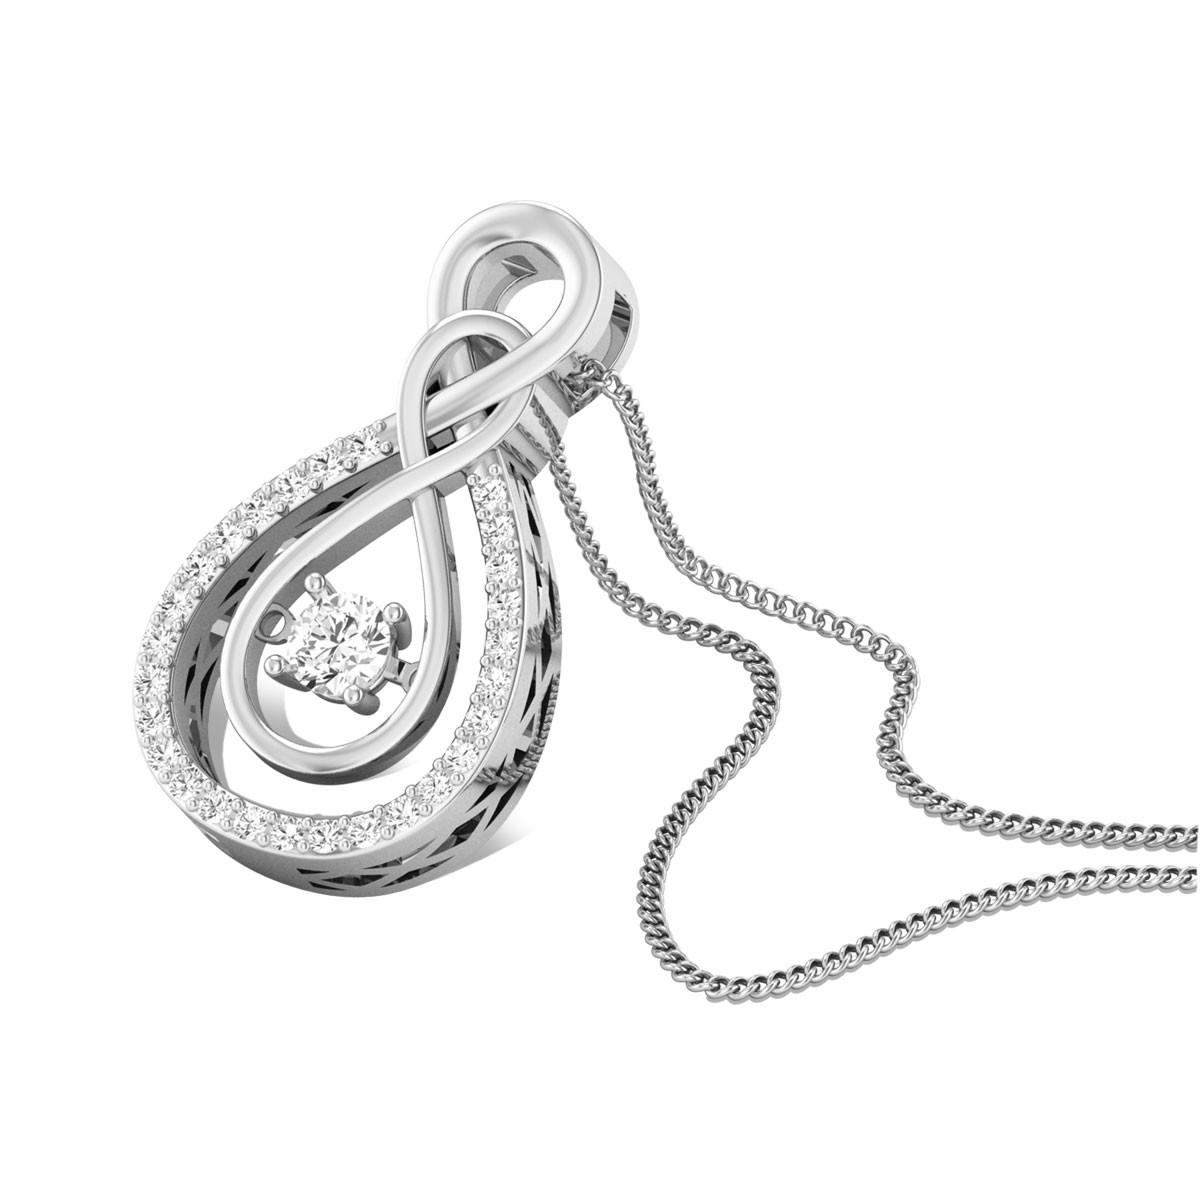 Minuet Diamond Pendant